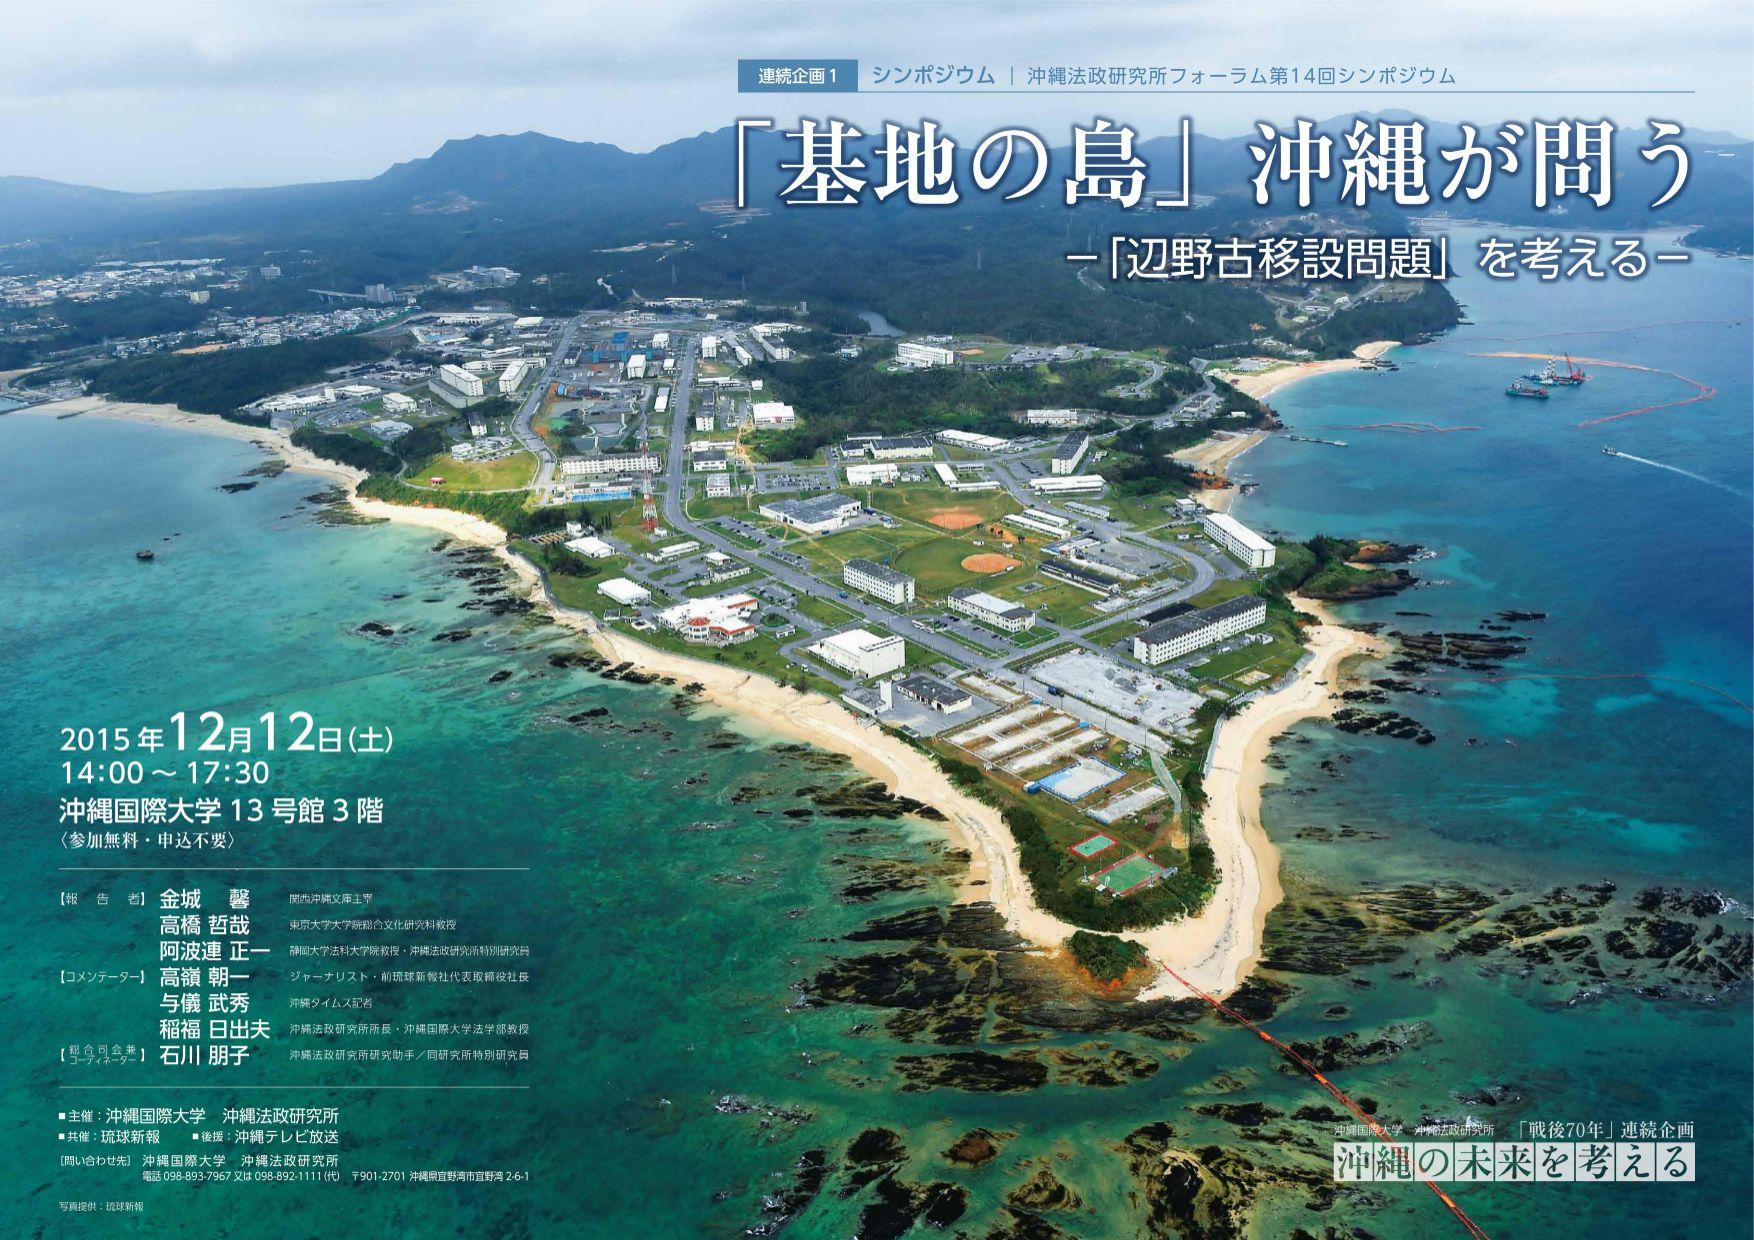 シンポジウム「基地の島」沖縄が問う―「辺野古移設問題」を考える